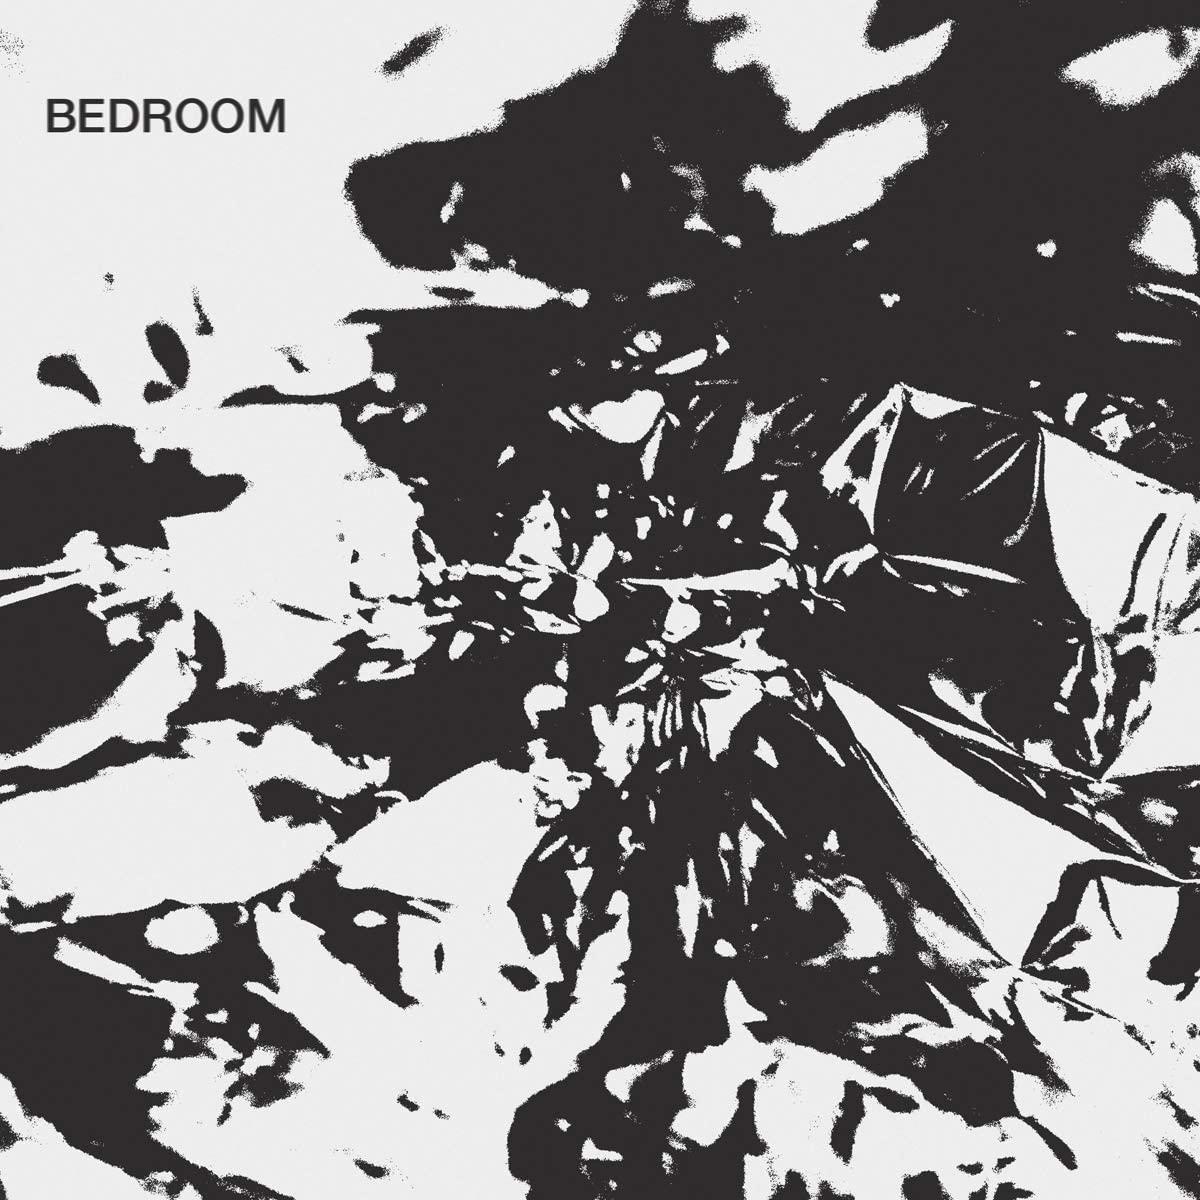 Copertina Vinile 33 giri Bedroom di Bdrmm